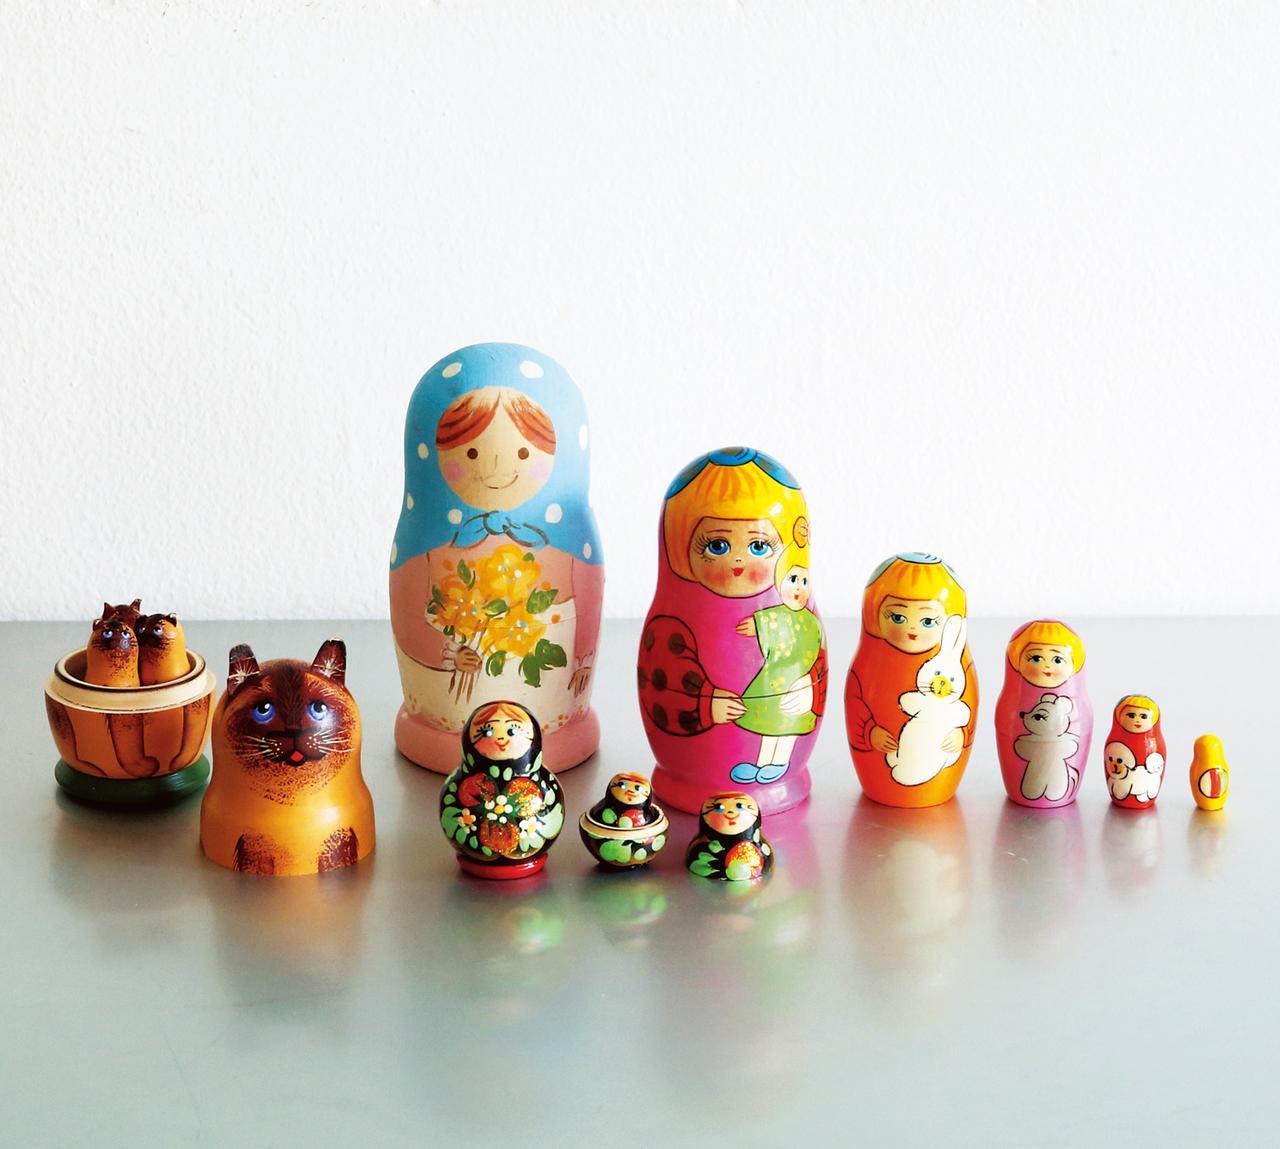 画像: 奈良のカフェ「カナカナ」で見つけたロシア雑貨。猫マトリョーシカにひと目惚れ。パステルカラーの子は、自分で絵付けしたオリジナル